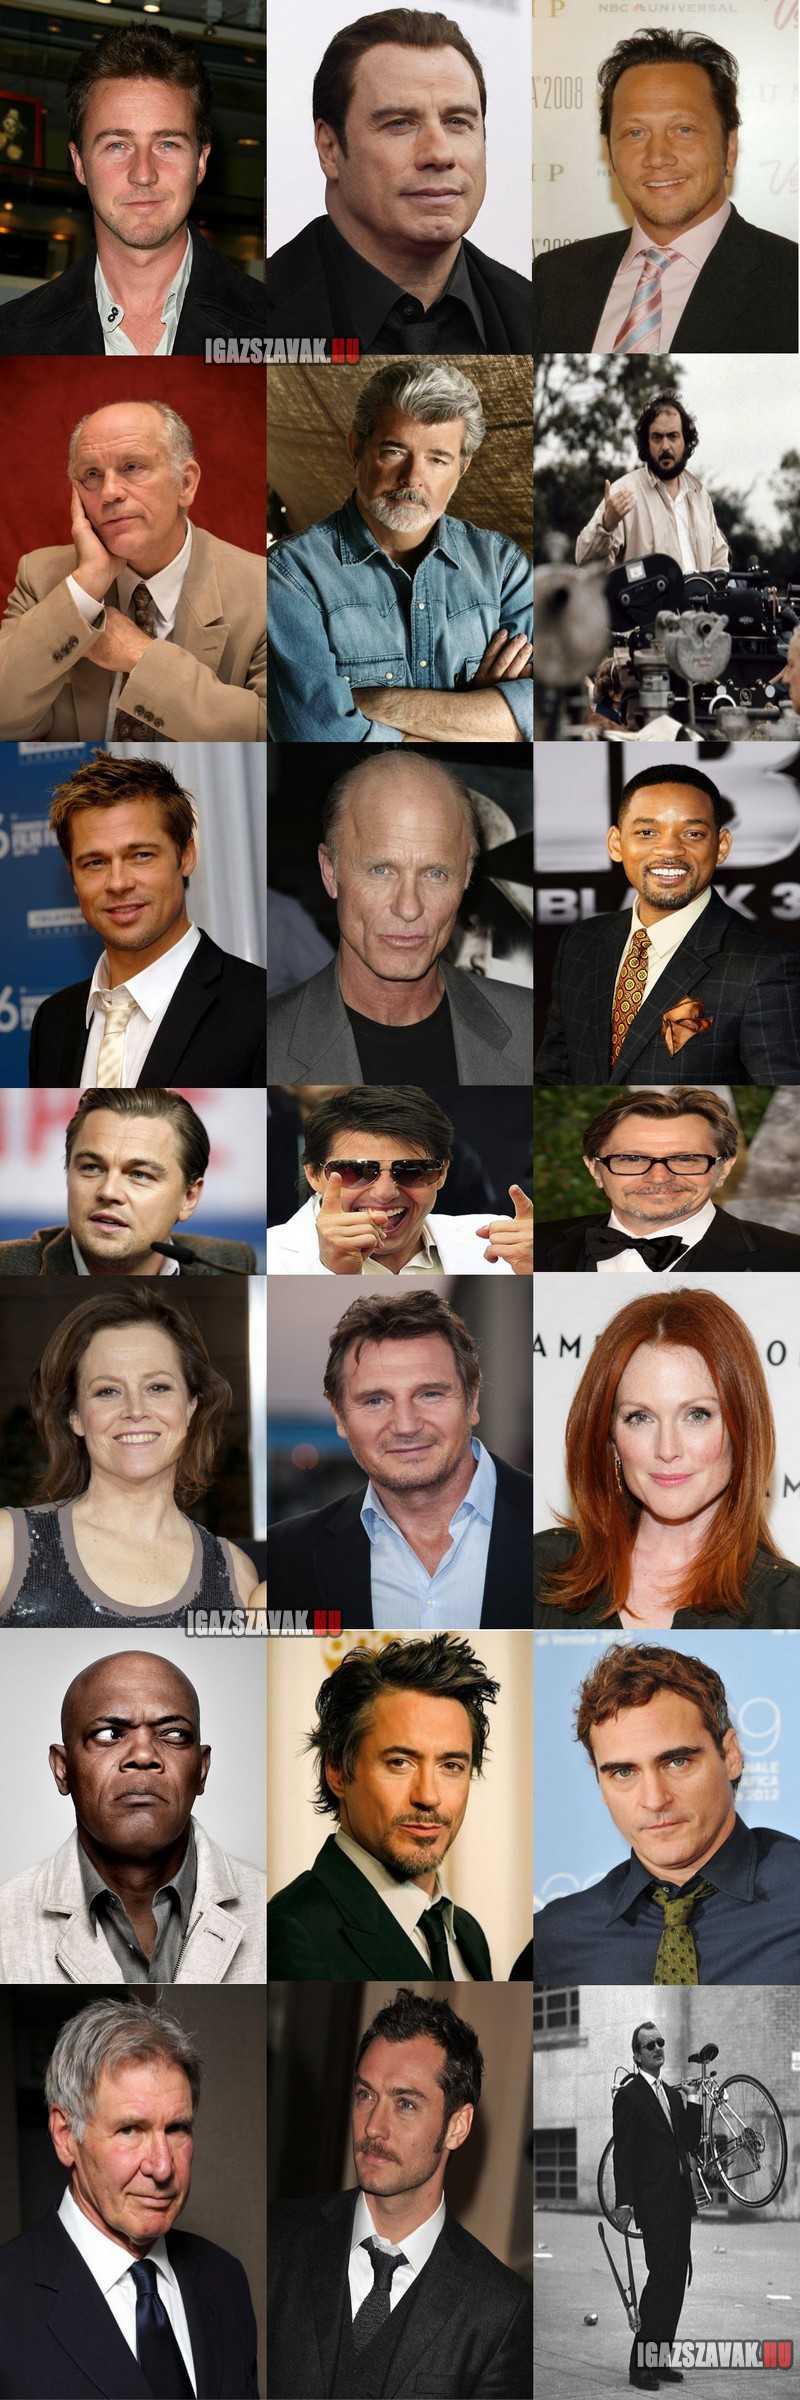 színészek és rendezők akik még soha nem kaptak oscart